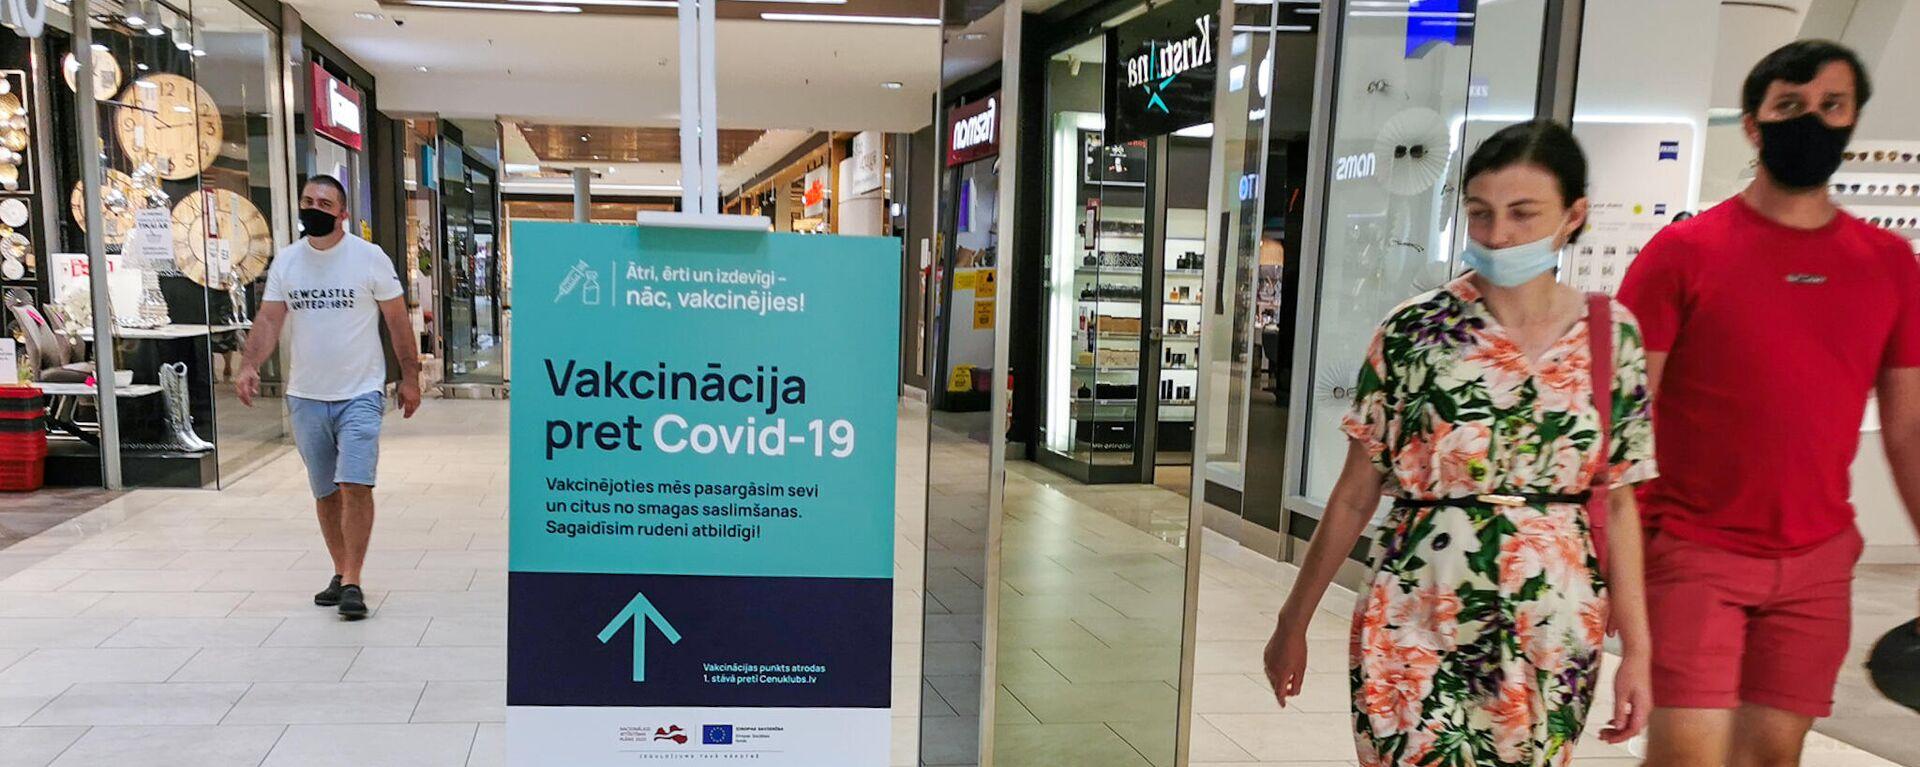 Центр вакцинации в торговом центре Alfa - Sputnik Латвия, 1920, 23.06.2021